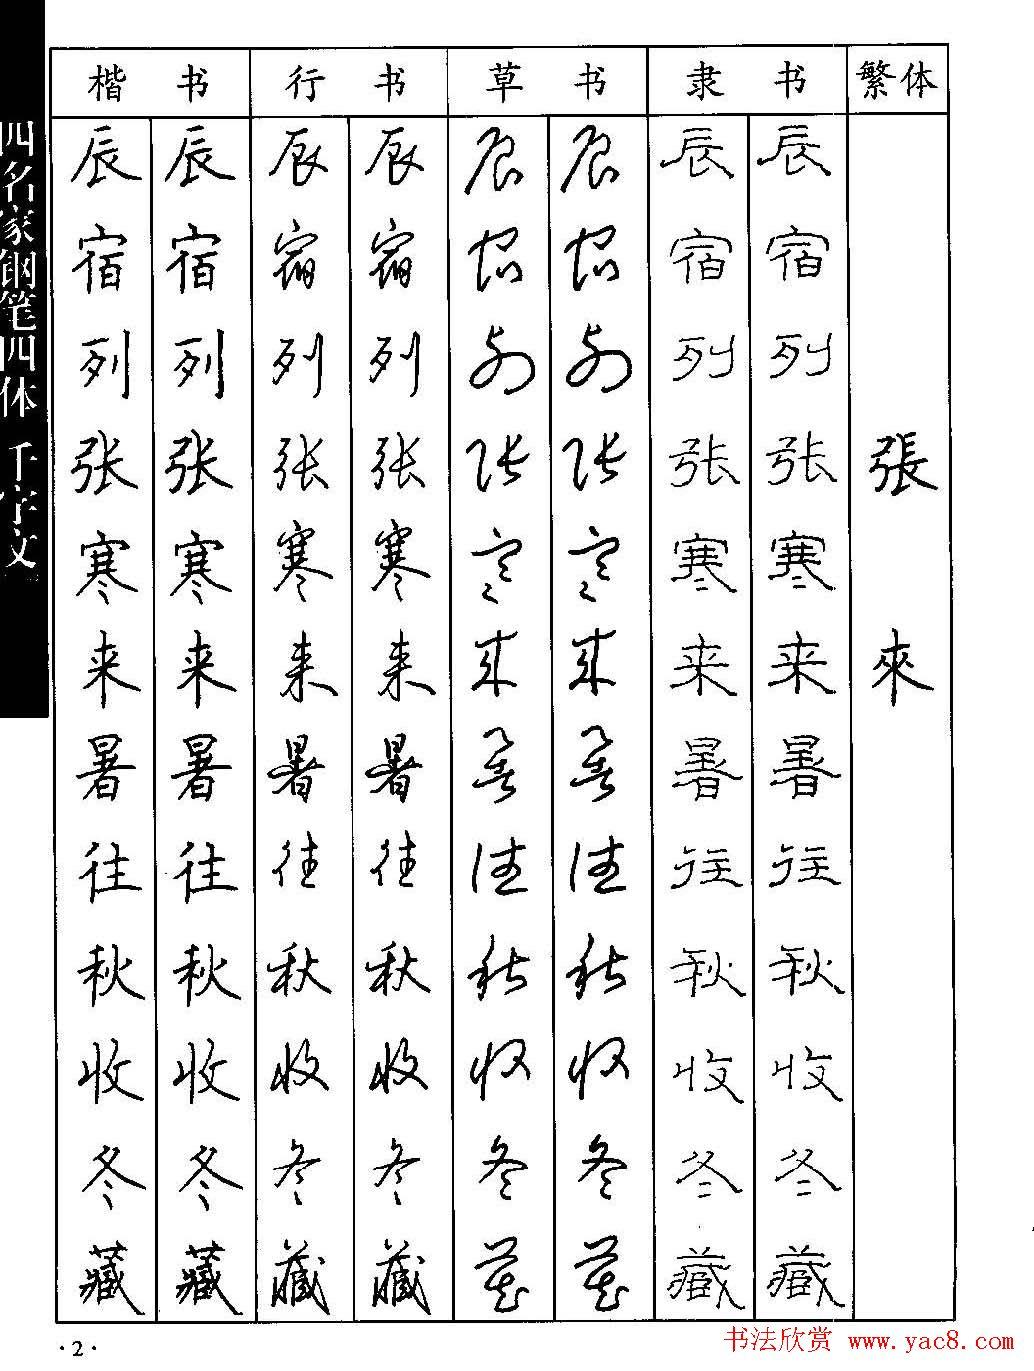 名家钢笔楷行草隶四体千字文字帖 第2页 钢笔字帖 书法欣赏图片